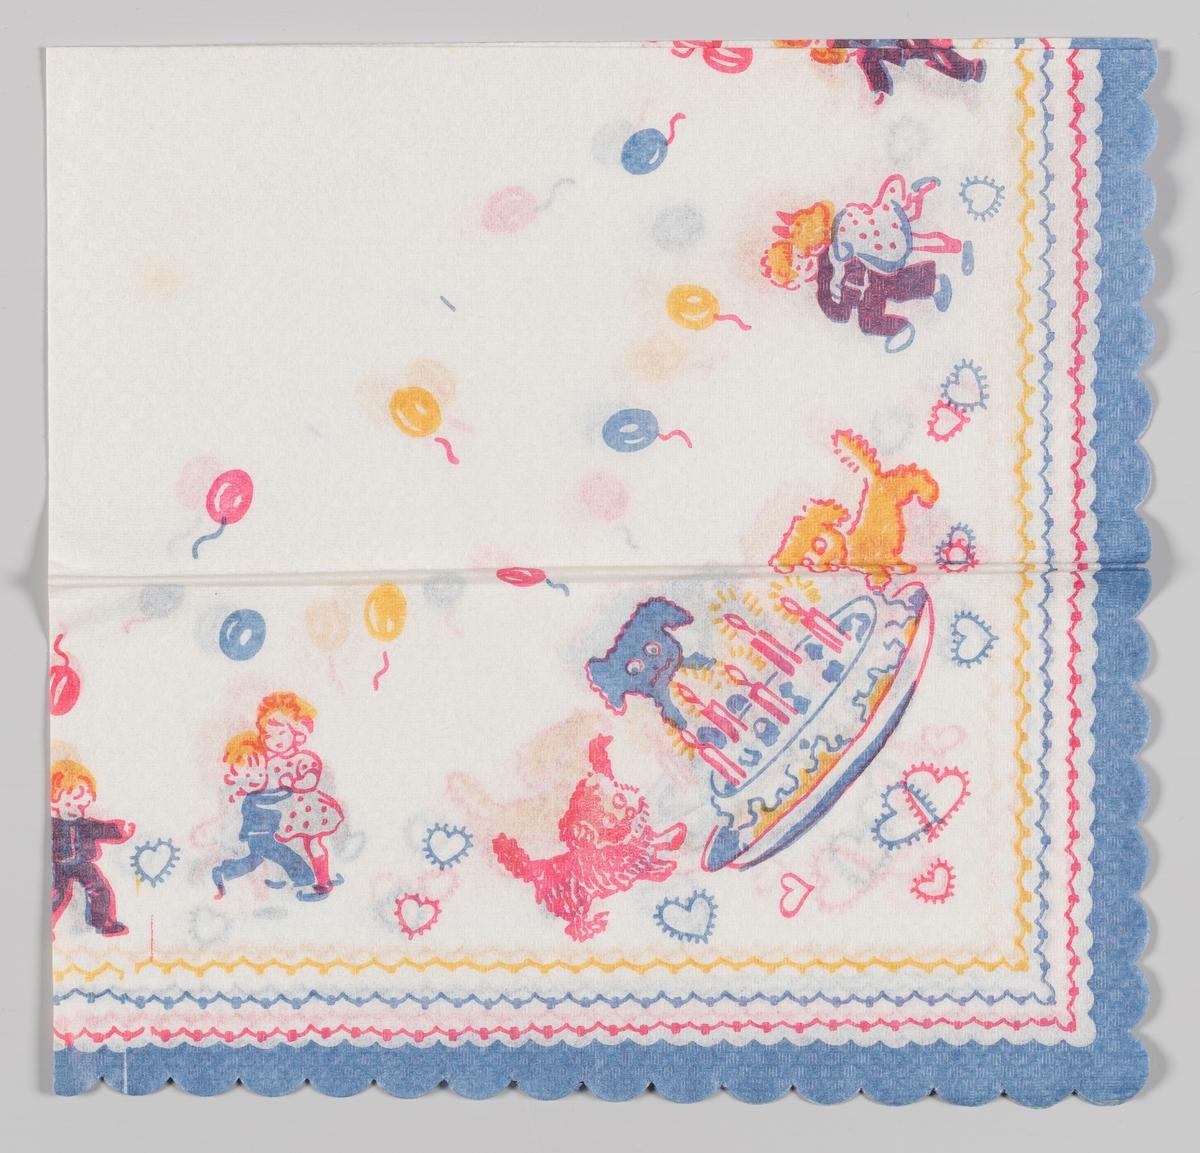 Et bursdagselskap med bløttkake med lys, tre hunder og barn som danser blant masse ballonger og hjerter. Gul, rød, blå bølget kant.